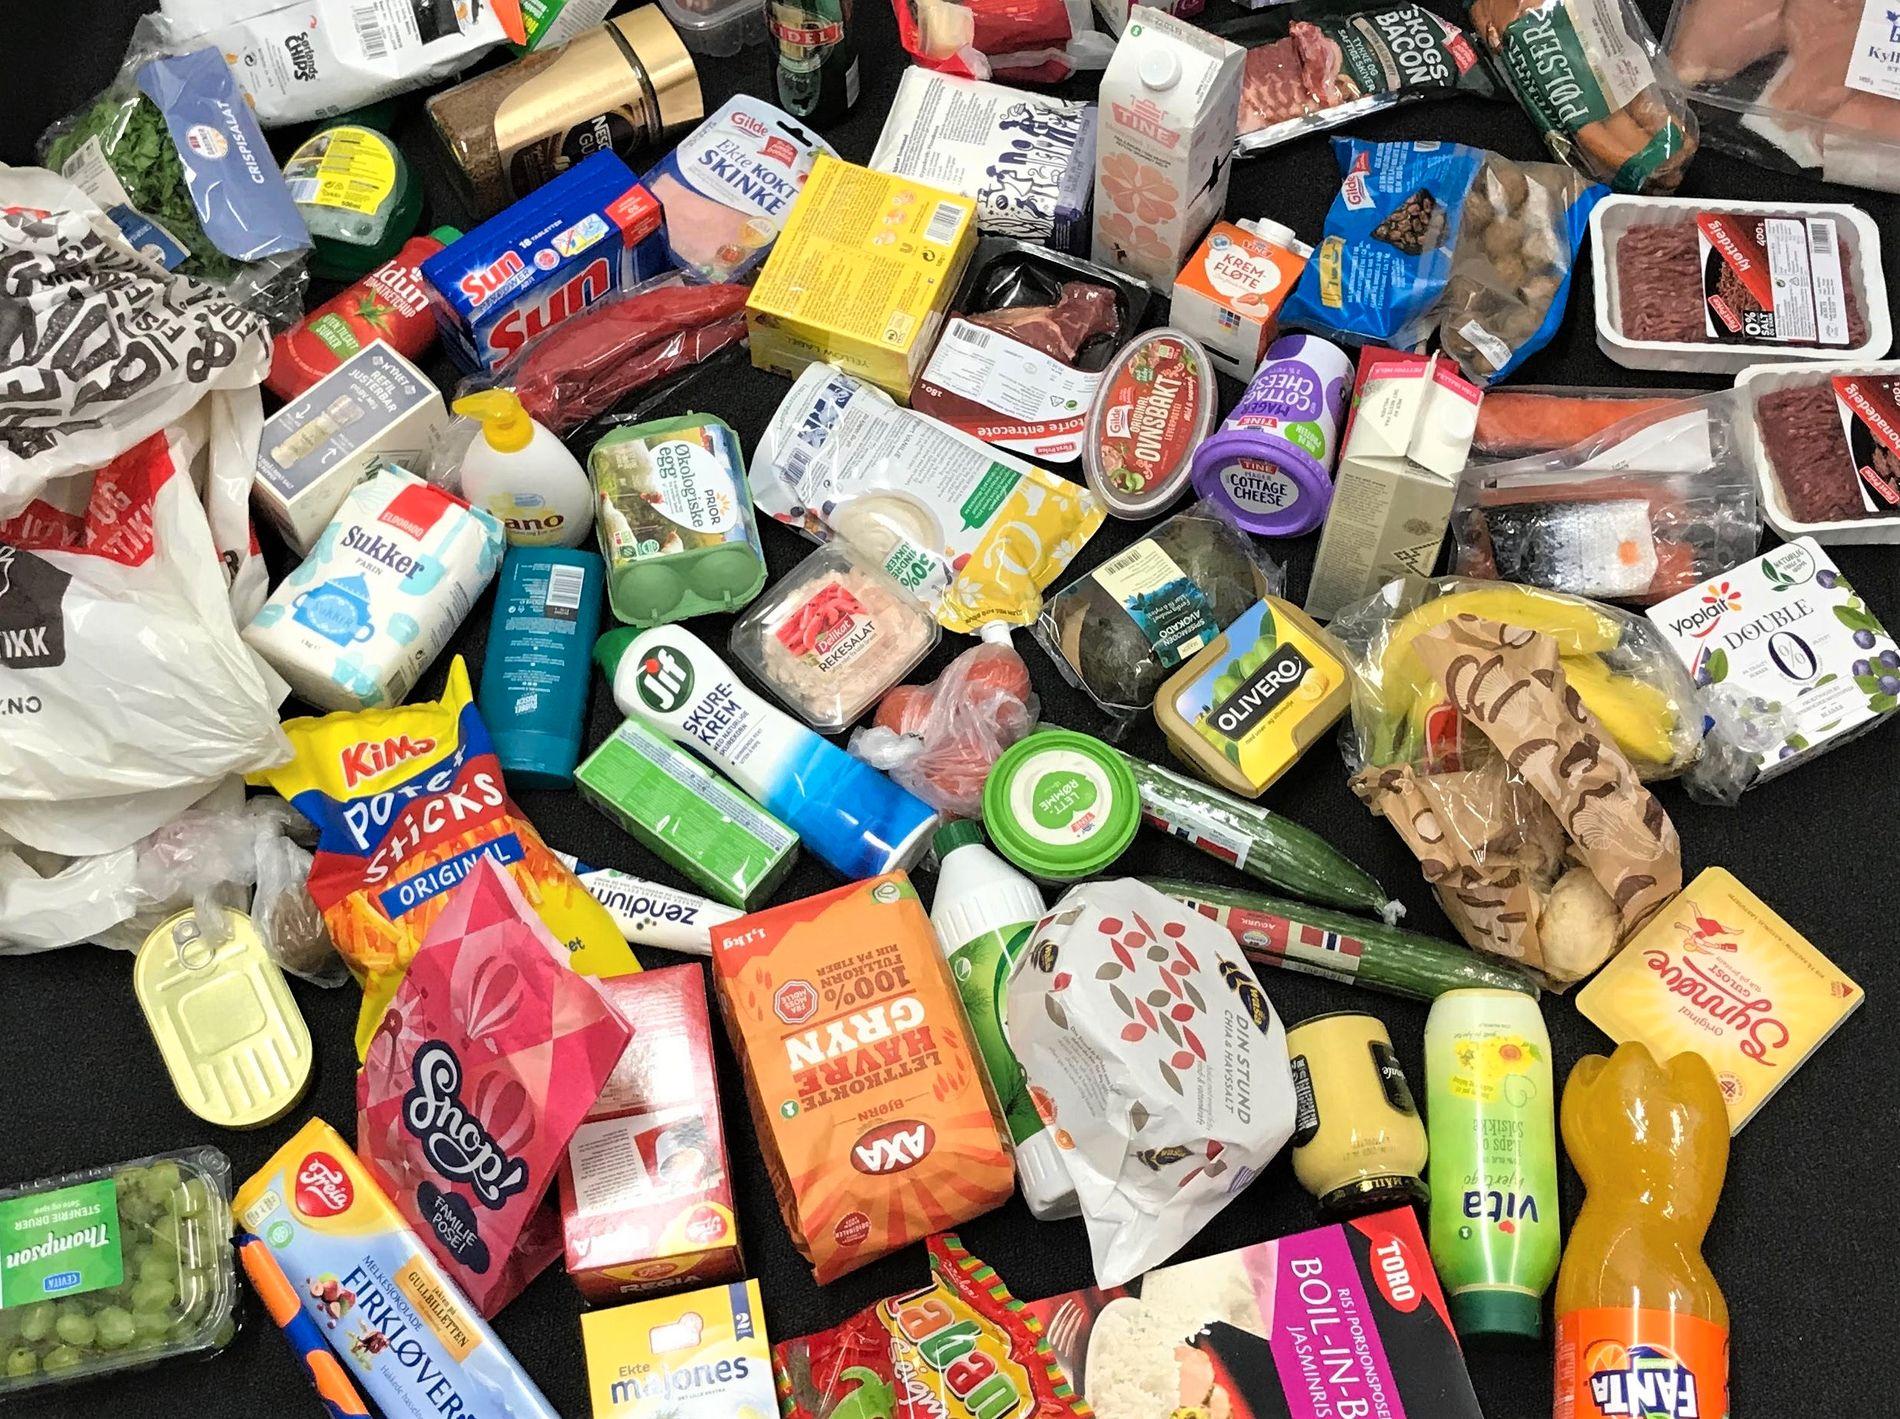 VGS MATBØRS: Konkurransen om å ha de laveste matprisene spisser seg til. Du sparer 376 kroner på å handle VGs matkurv i de billigste lavpriskjedene, sammenlignet med den dyreste supermarkedskjeden.